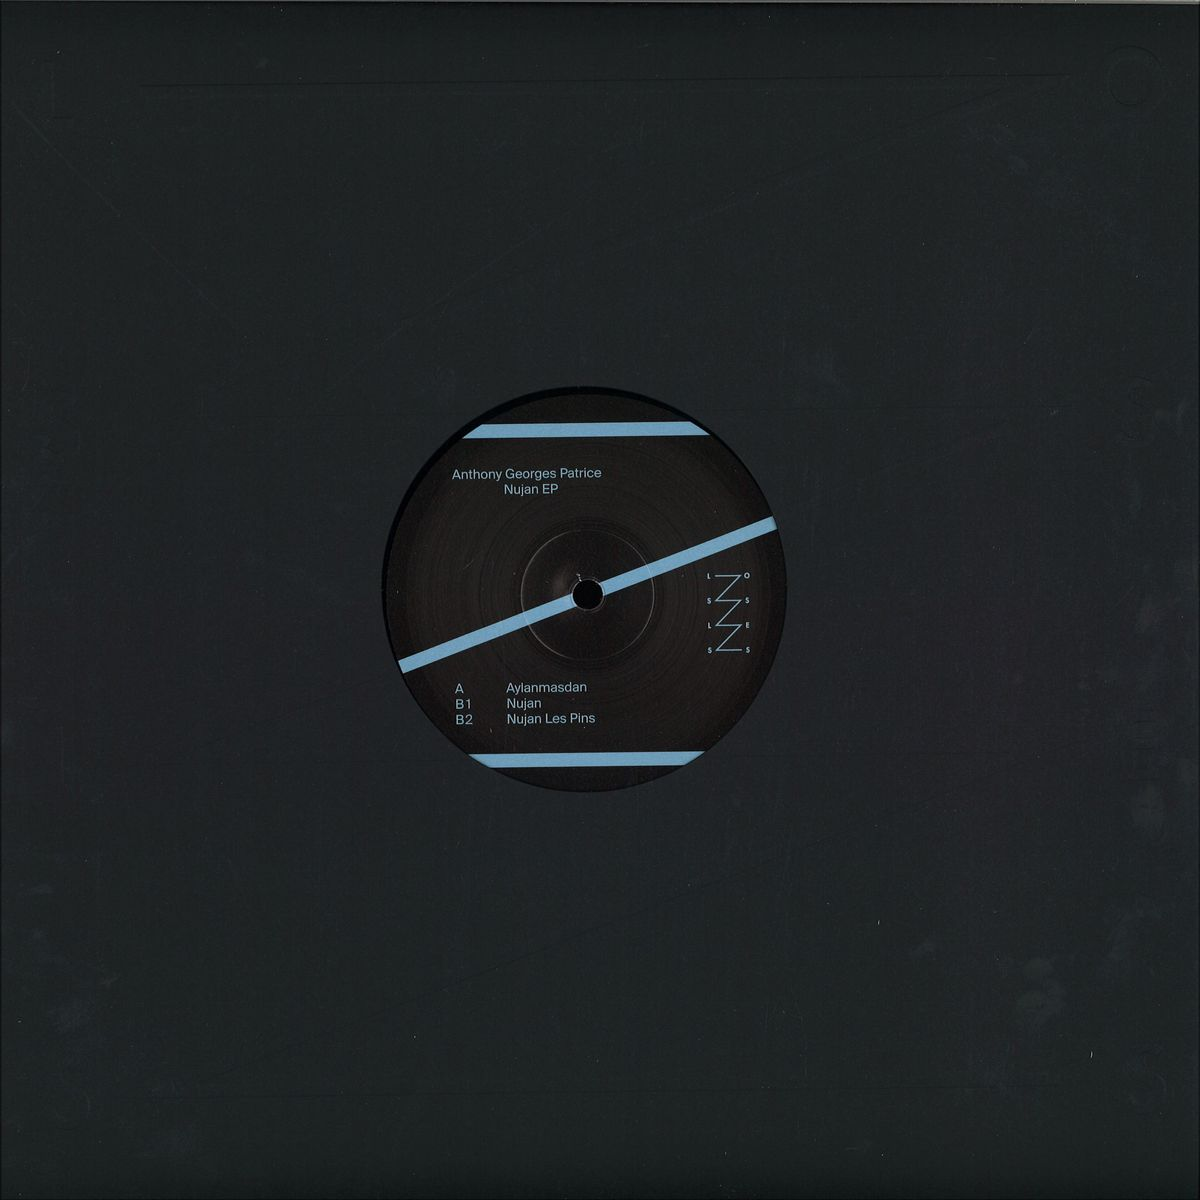 Anjuley Nonslip LP Vinyl Record Pickup /Ángulo Calibraci/ón Plano Distancia Calibraci/ón Protractor Adjustment Rodillo Herramienta Turntable Accesorios